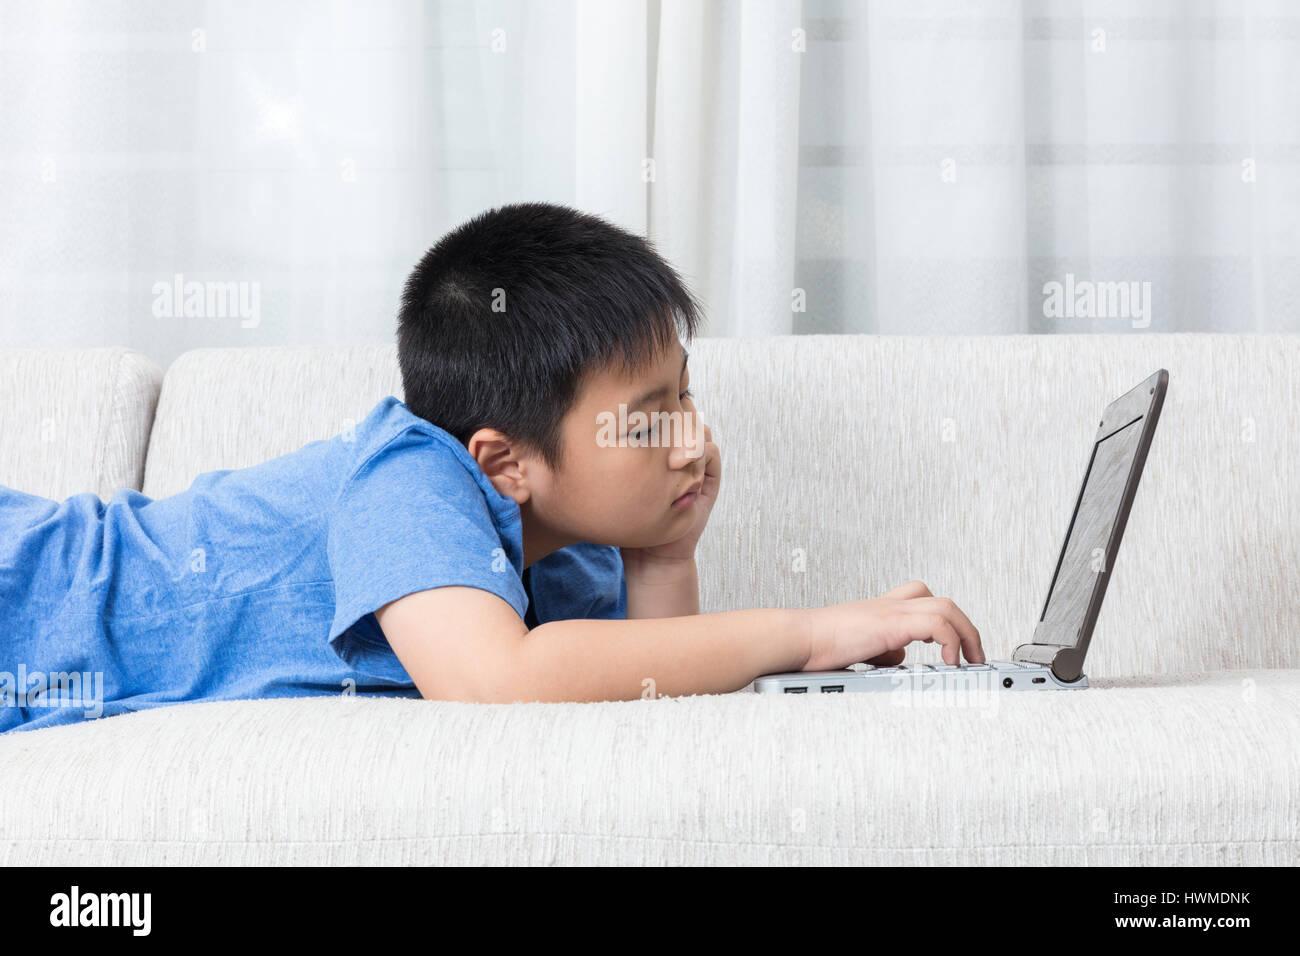 Gelangweilt asiatische chinesische kleiner Junge mit Laptop auf dem ...